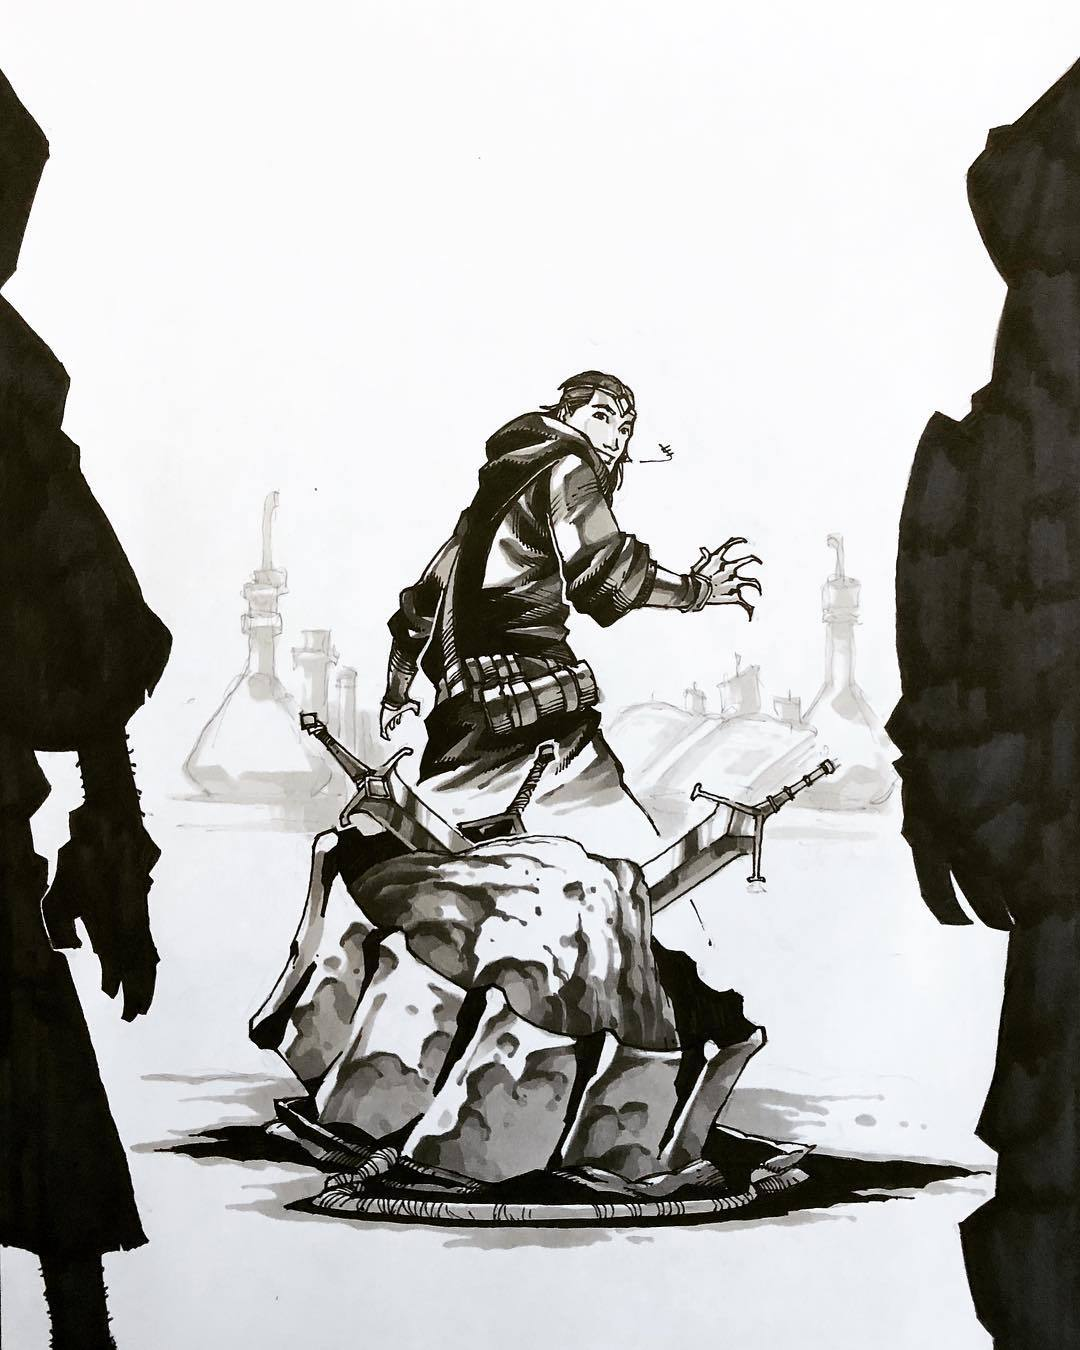 Похитители мечей. - Изображение 21